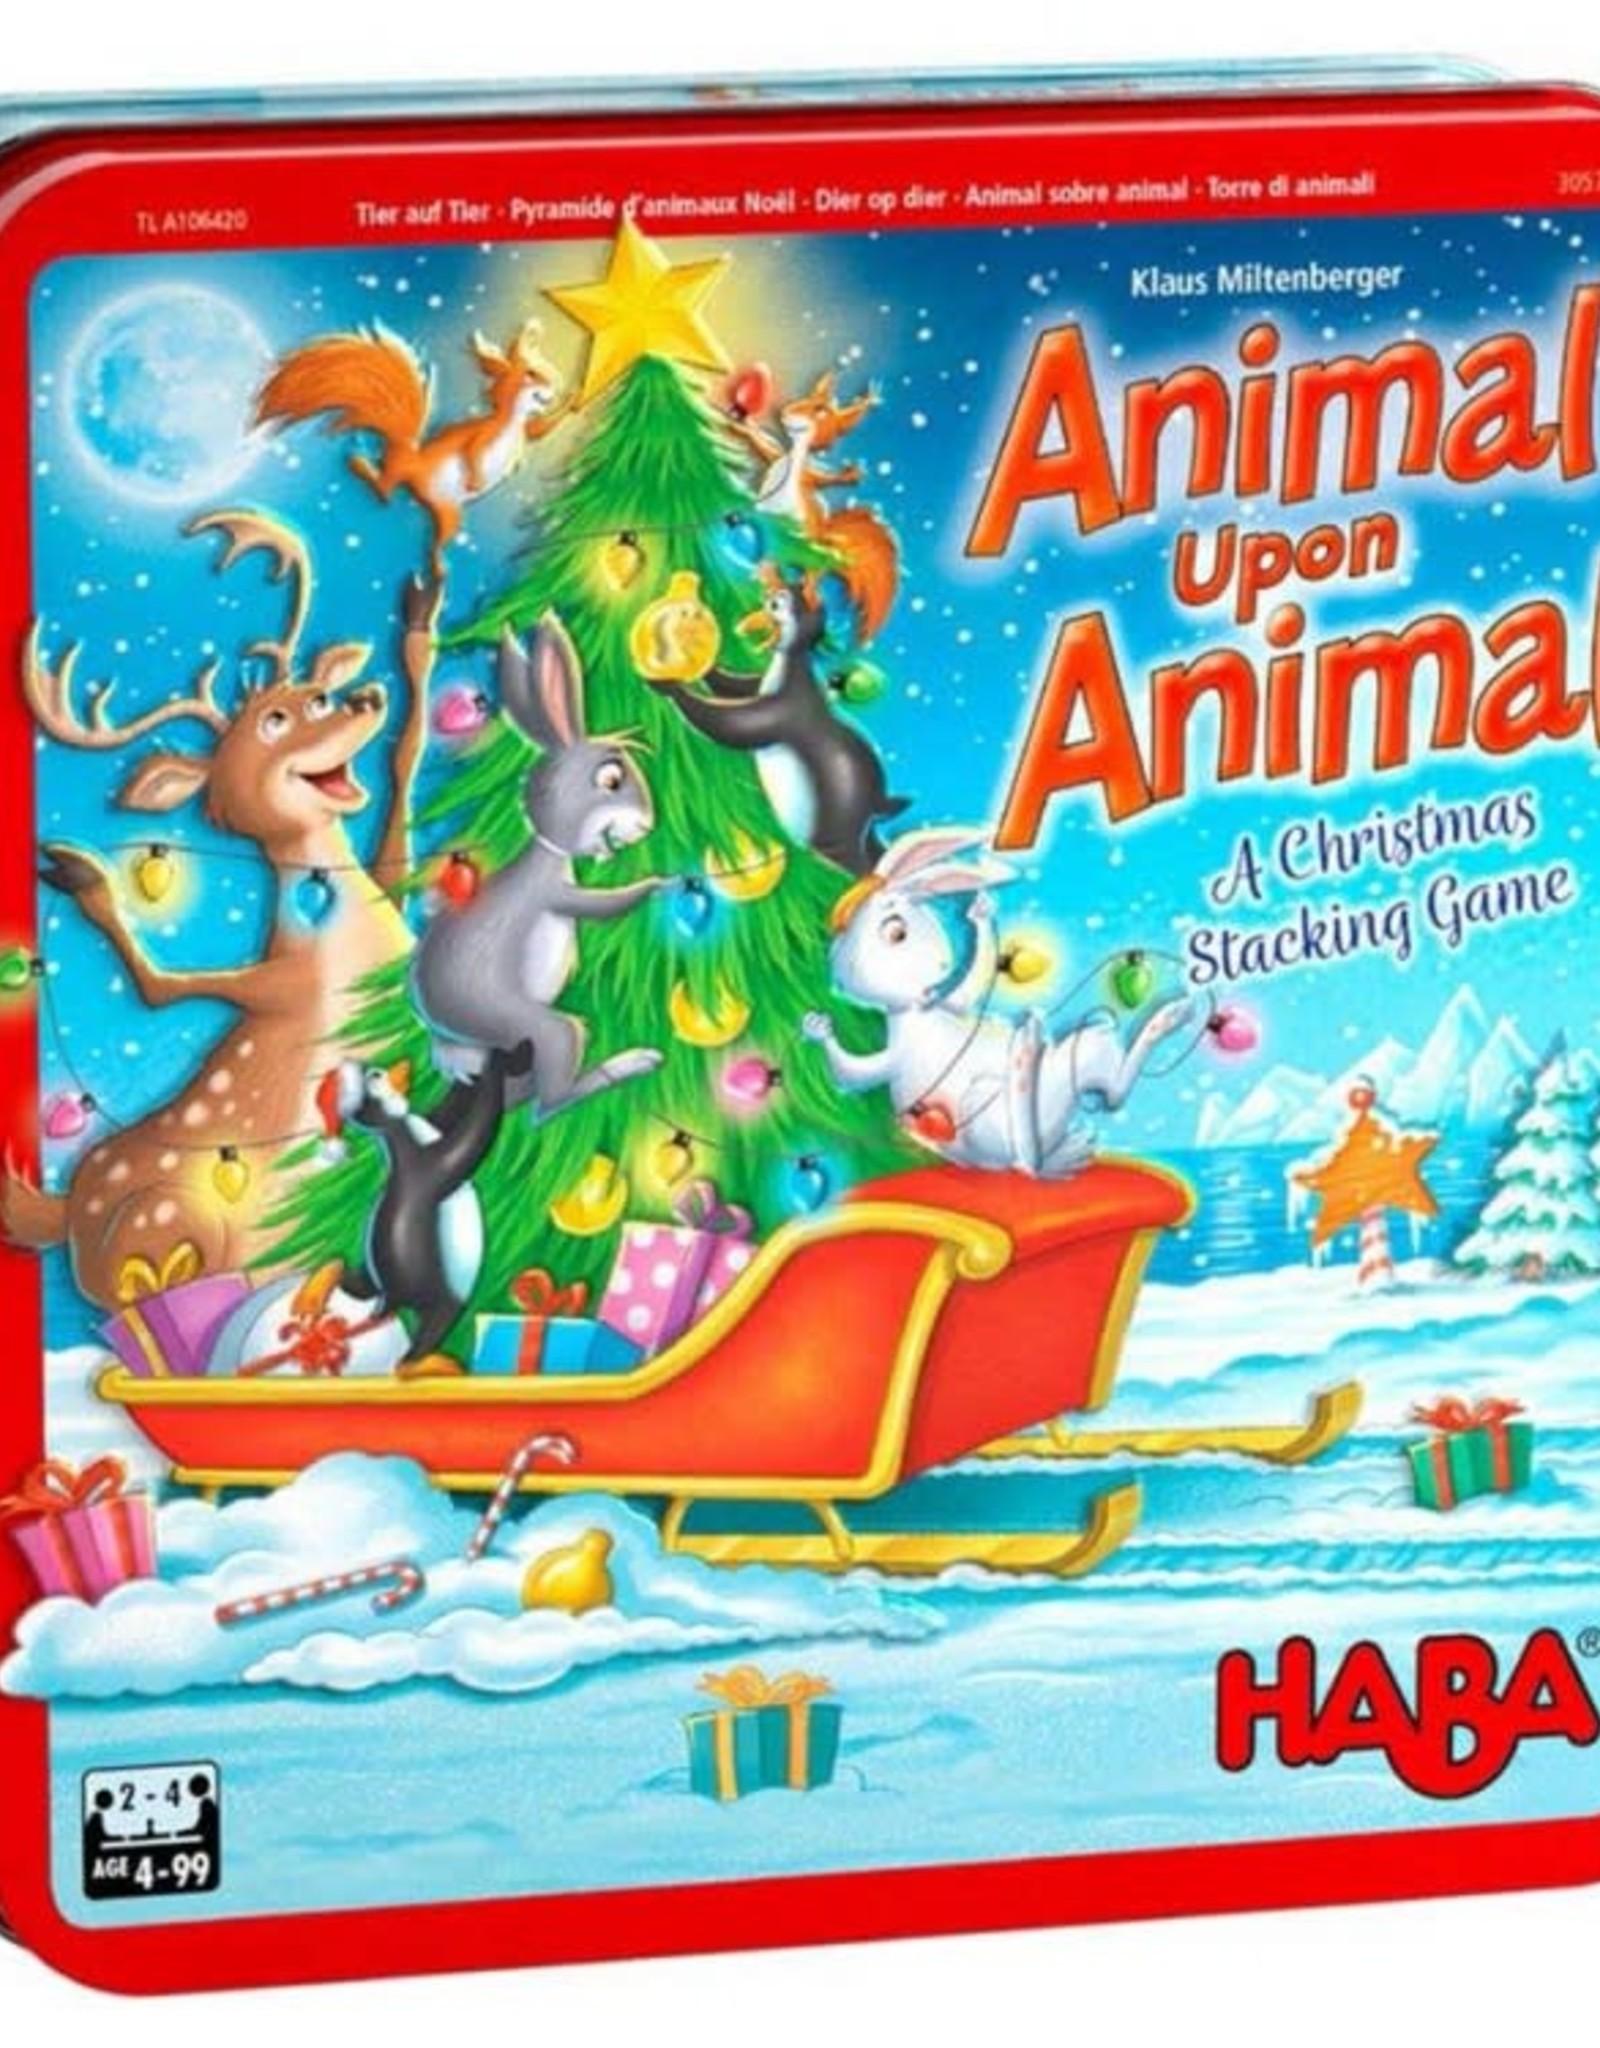 HABA Animal Upon Animal Christmas